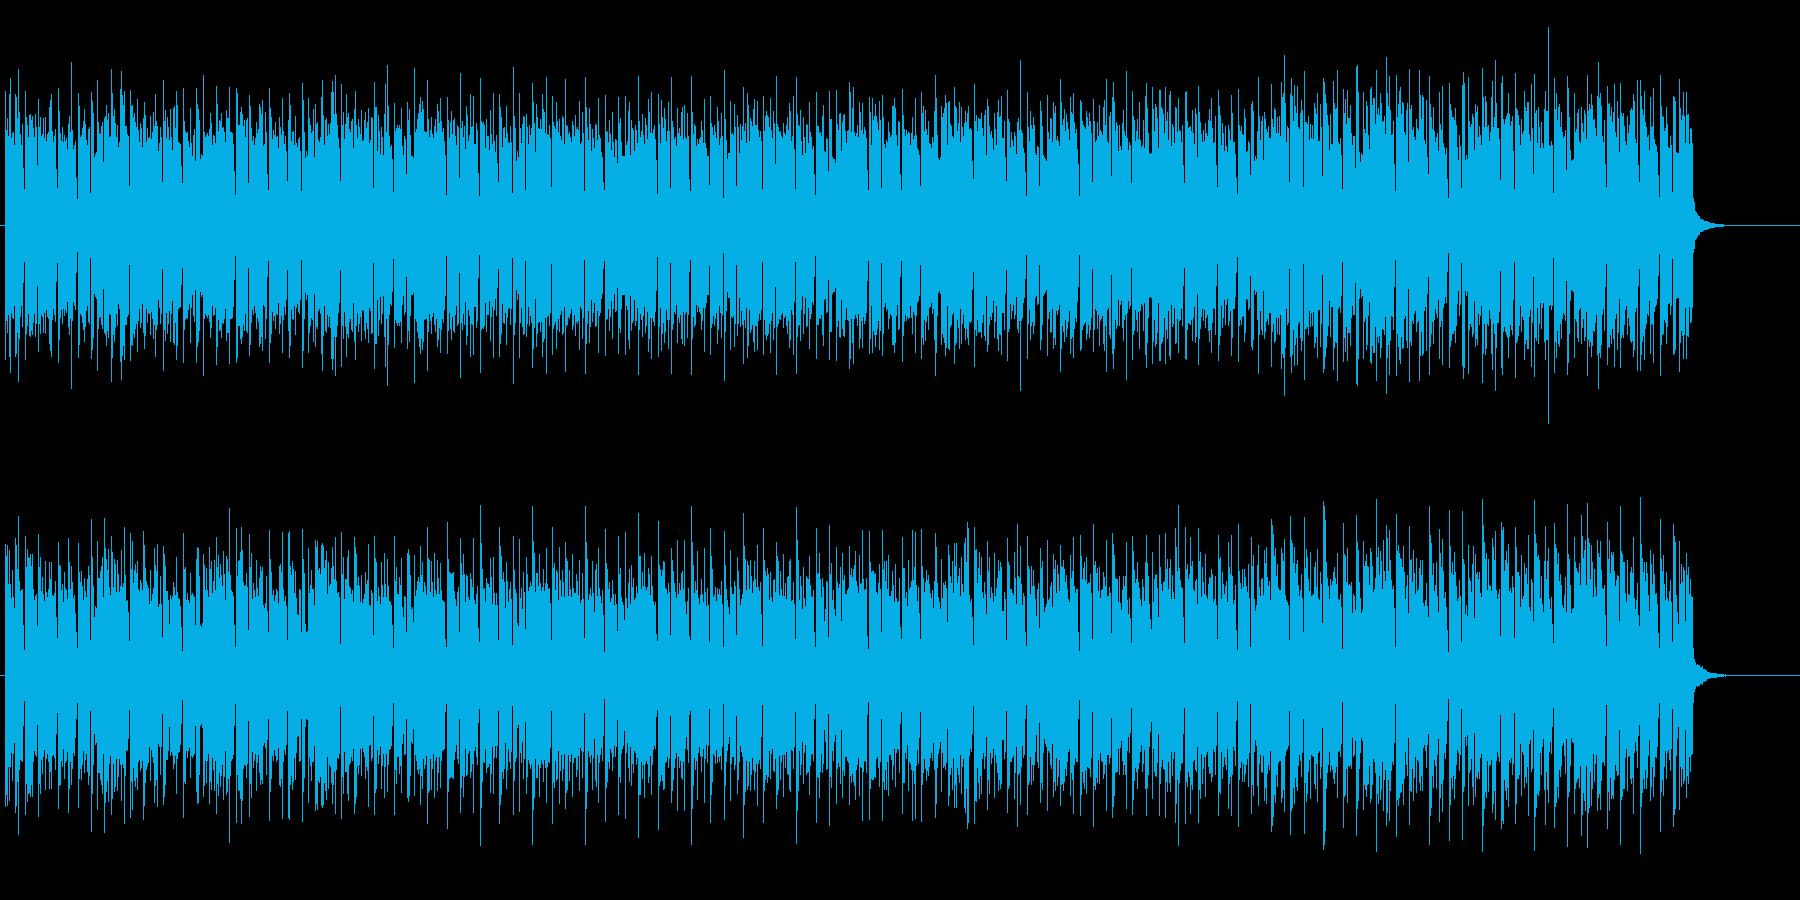 セクシーなエレクトロHipHopの再生済みの波形